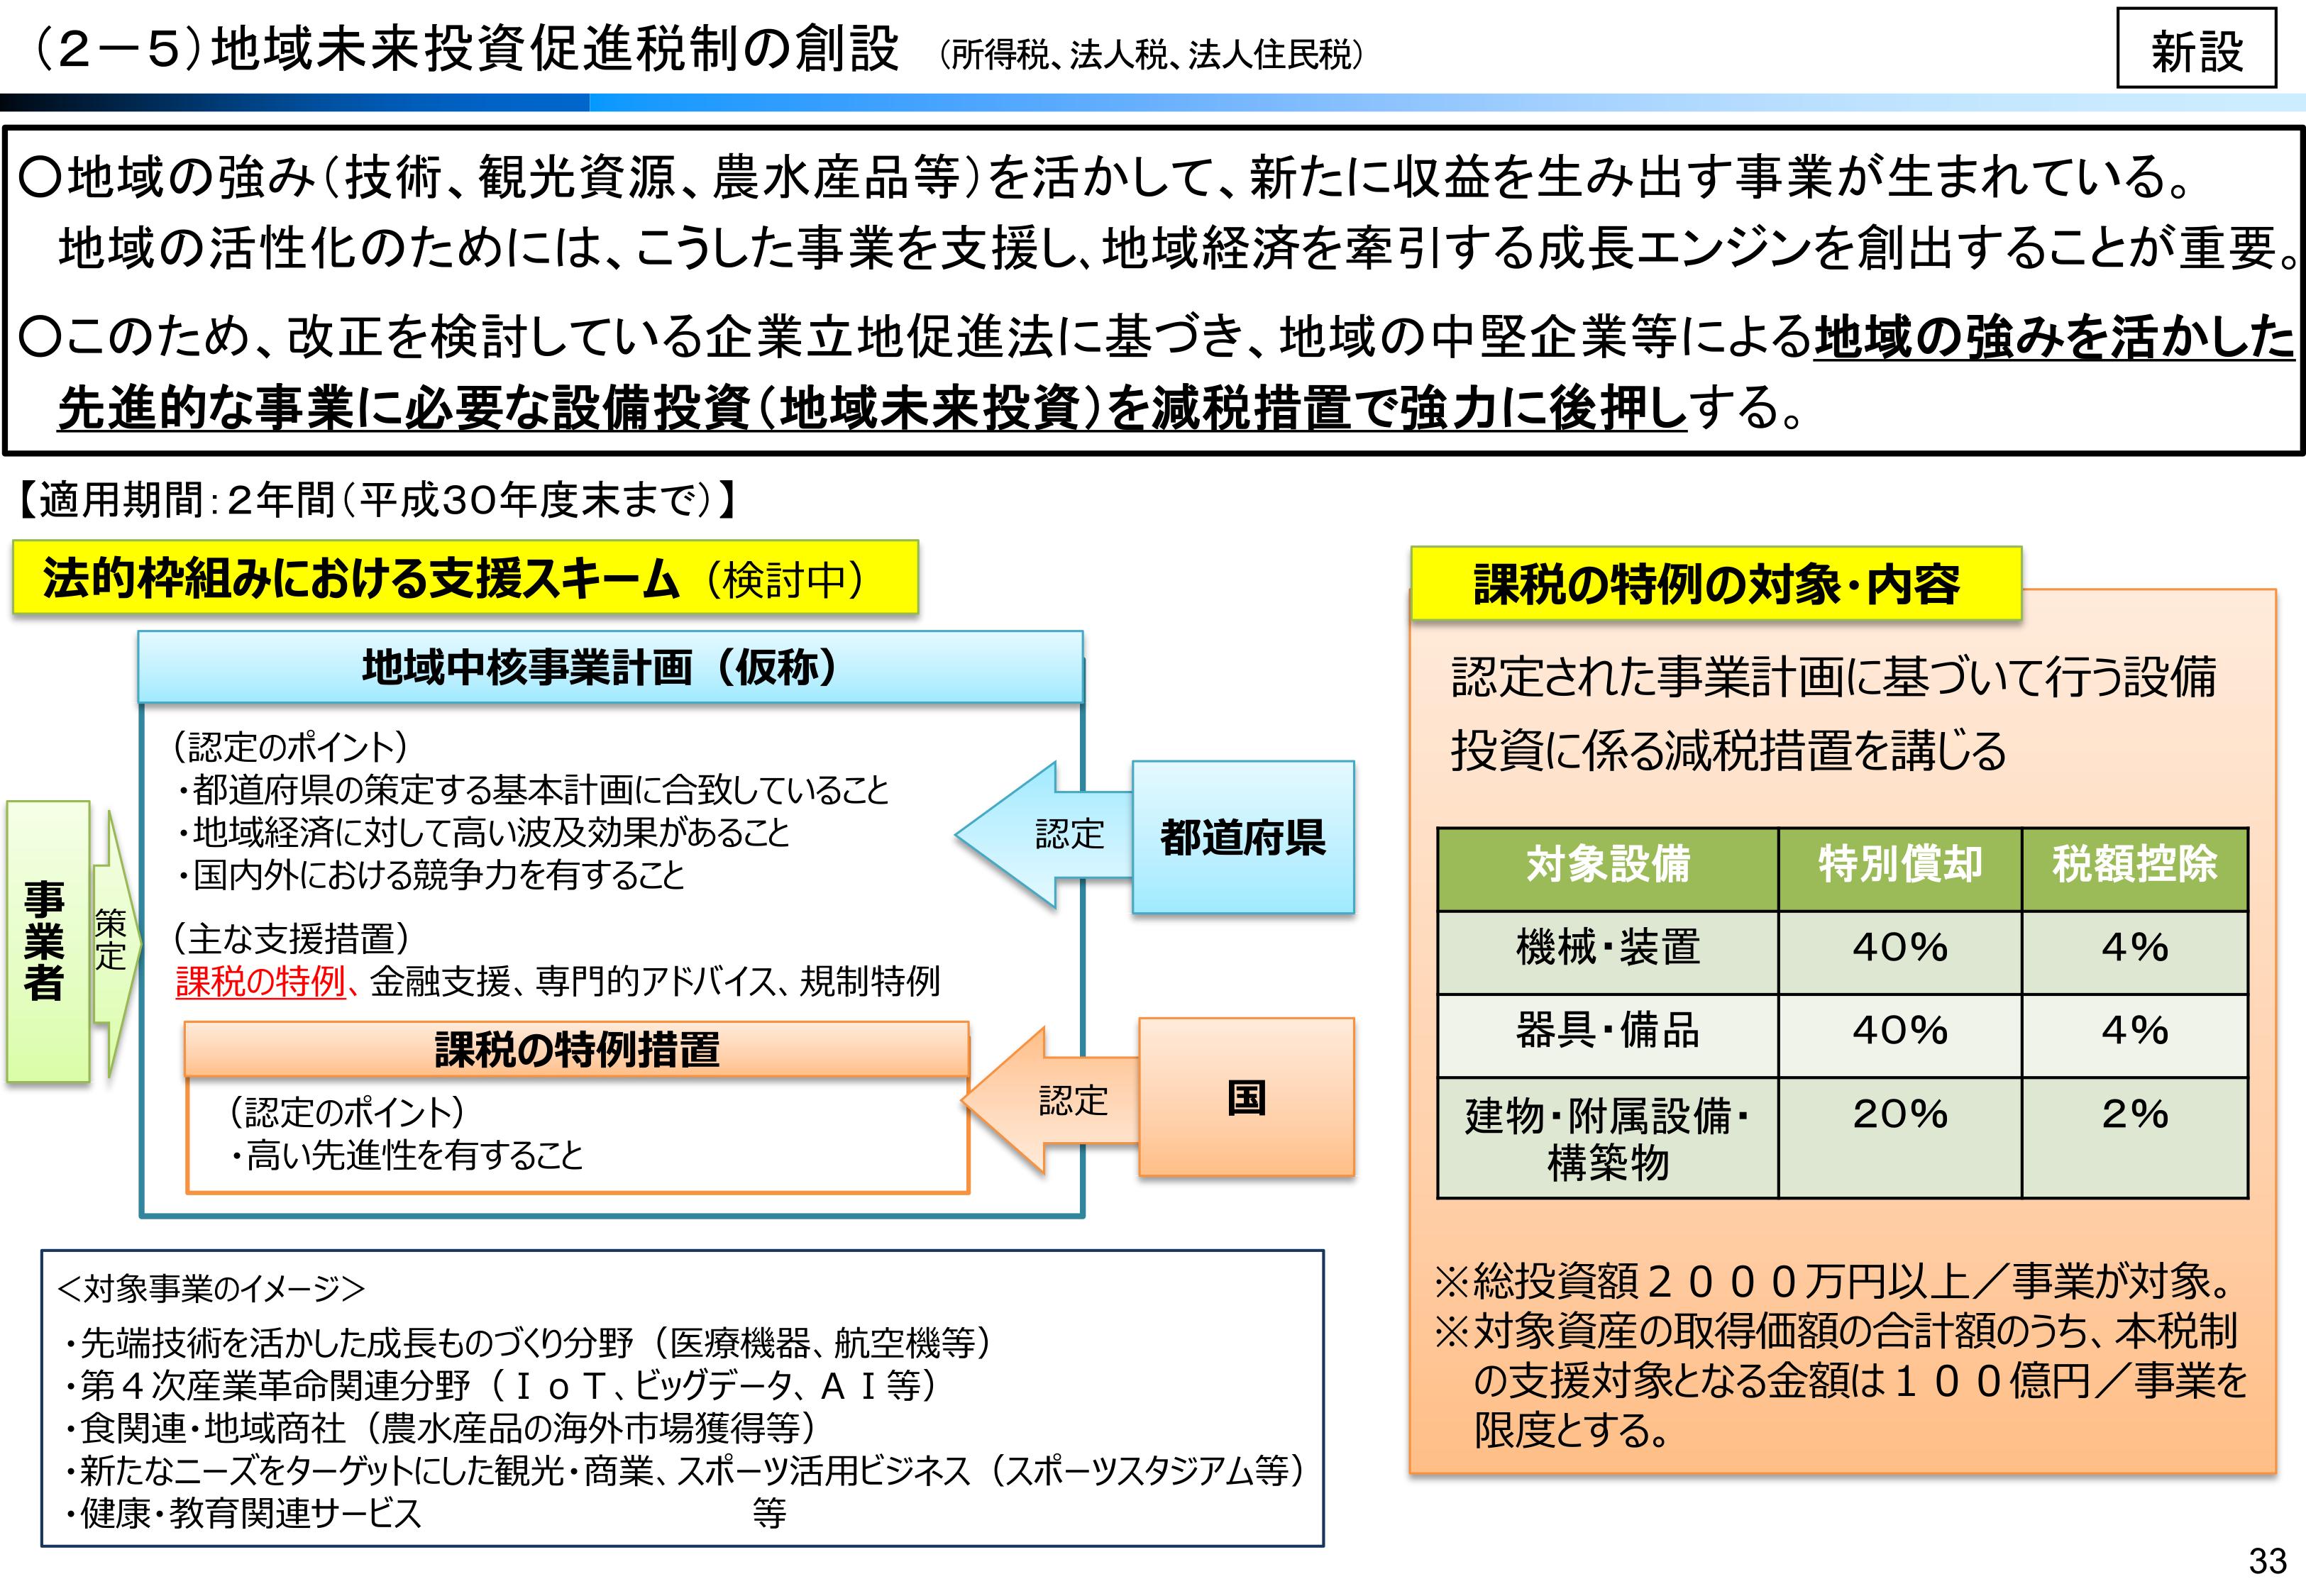 地域中核企業向け設備投資促進税制